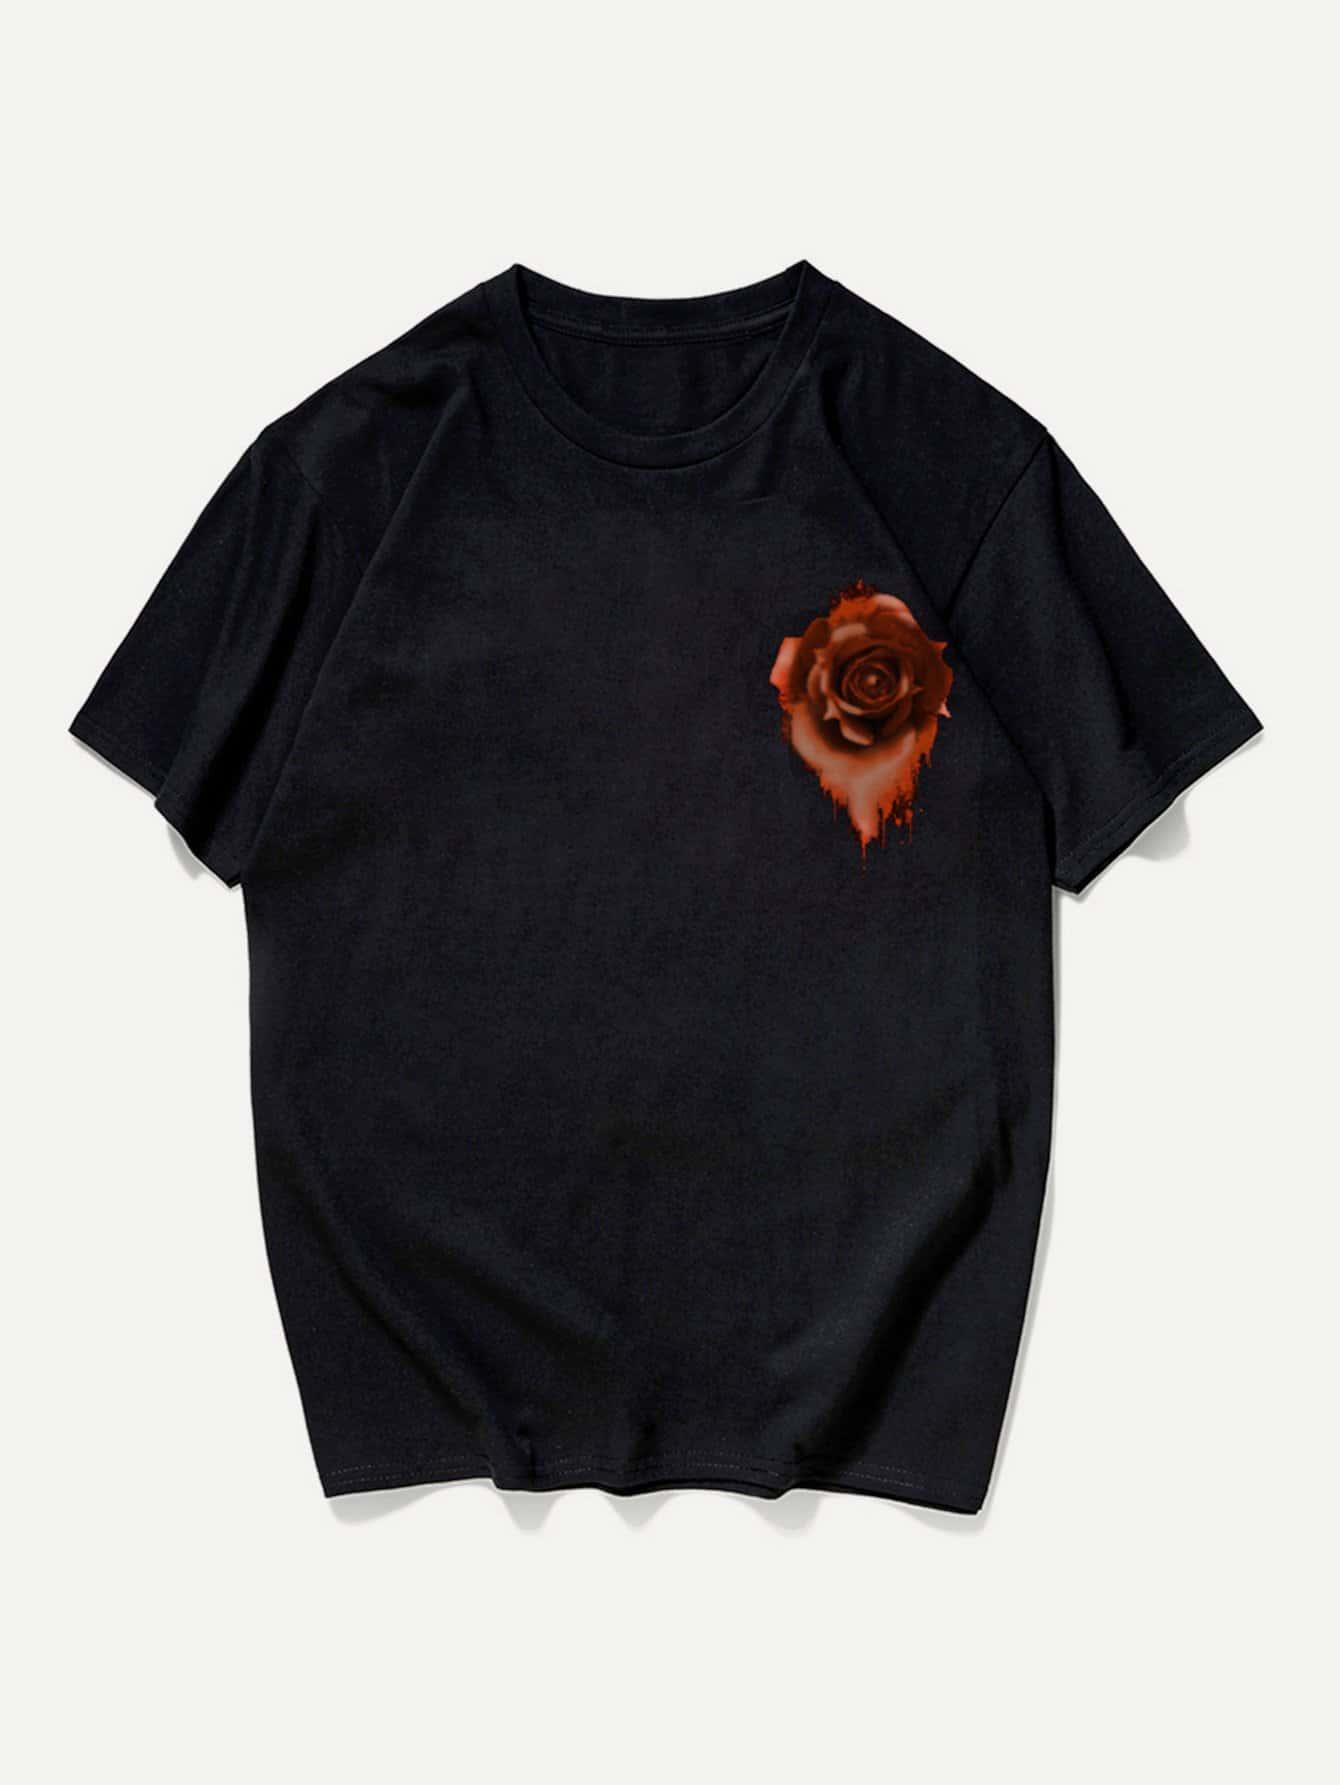 Купить Футболка с манжетой и с рисунком розы для мужчины, null, SheIn